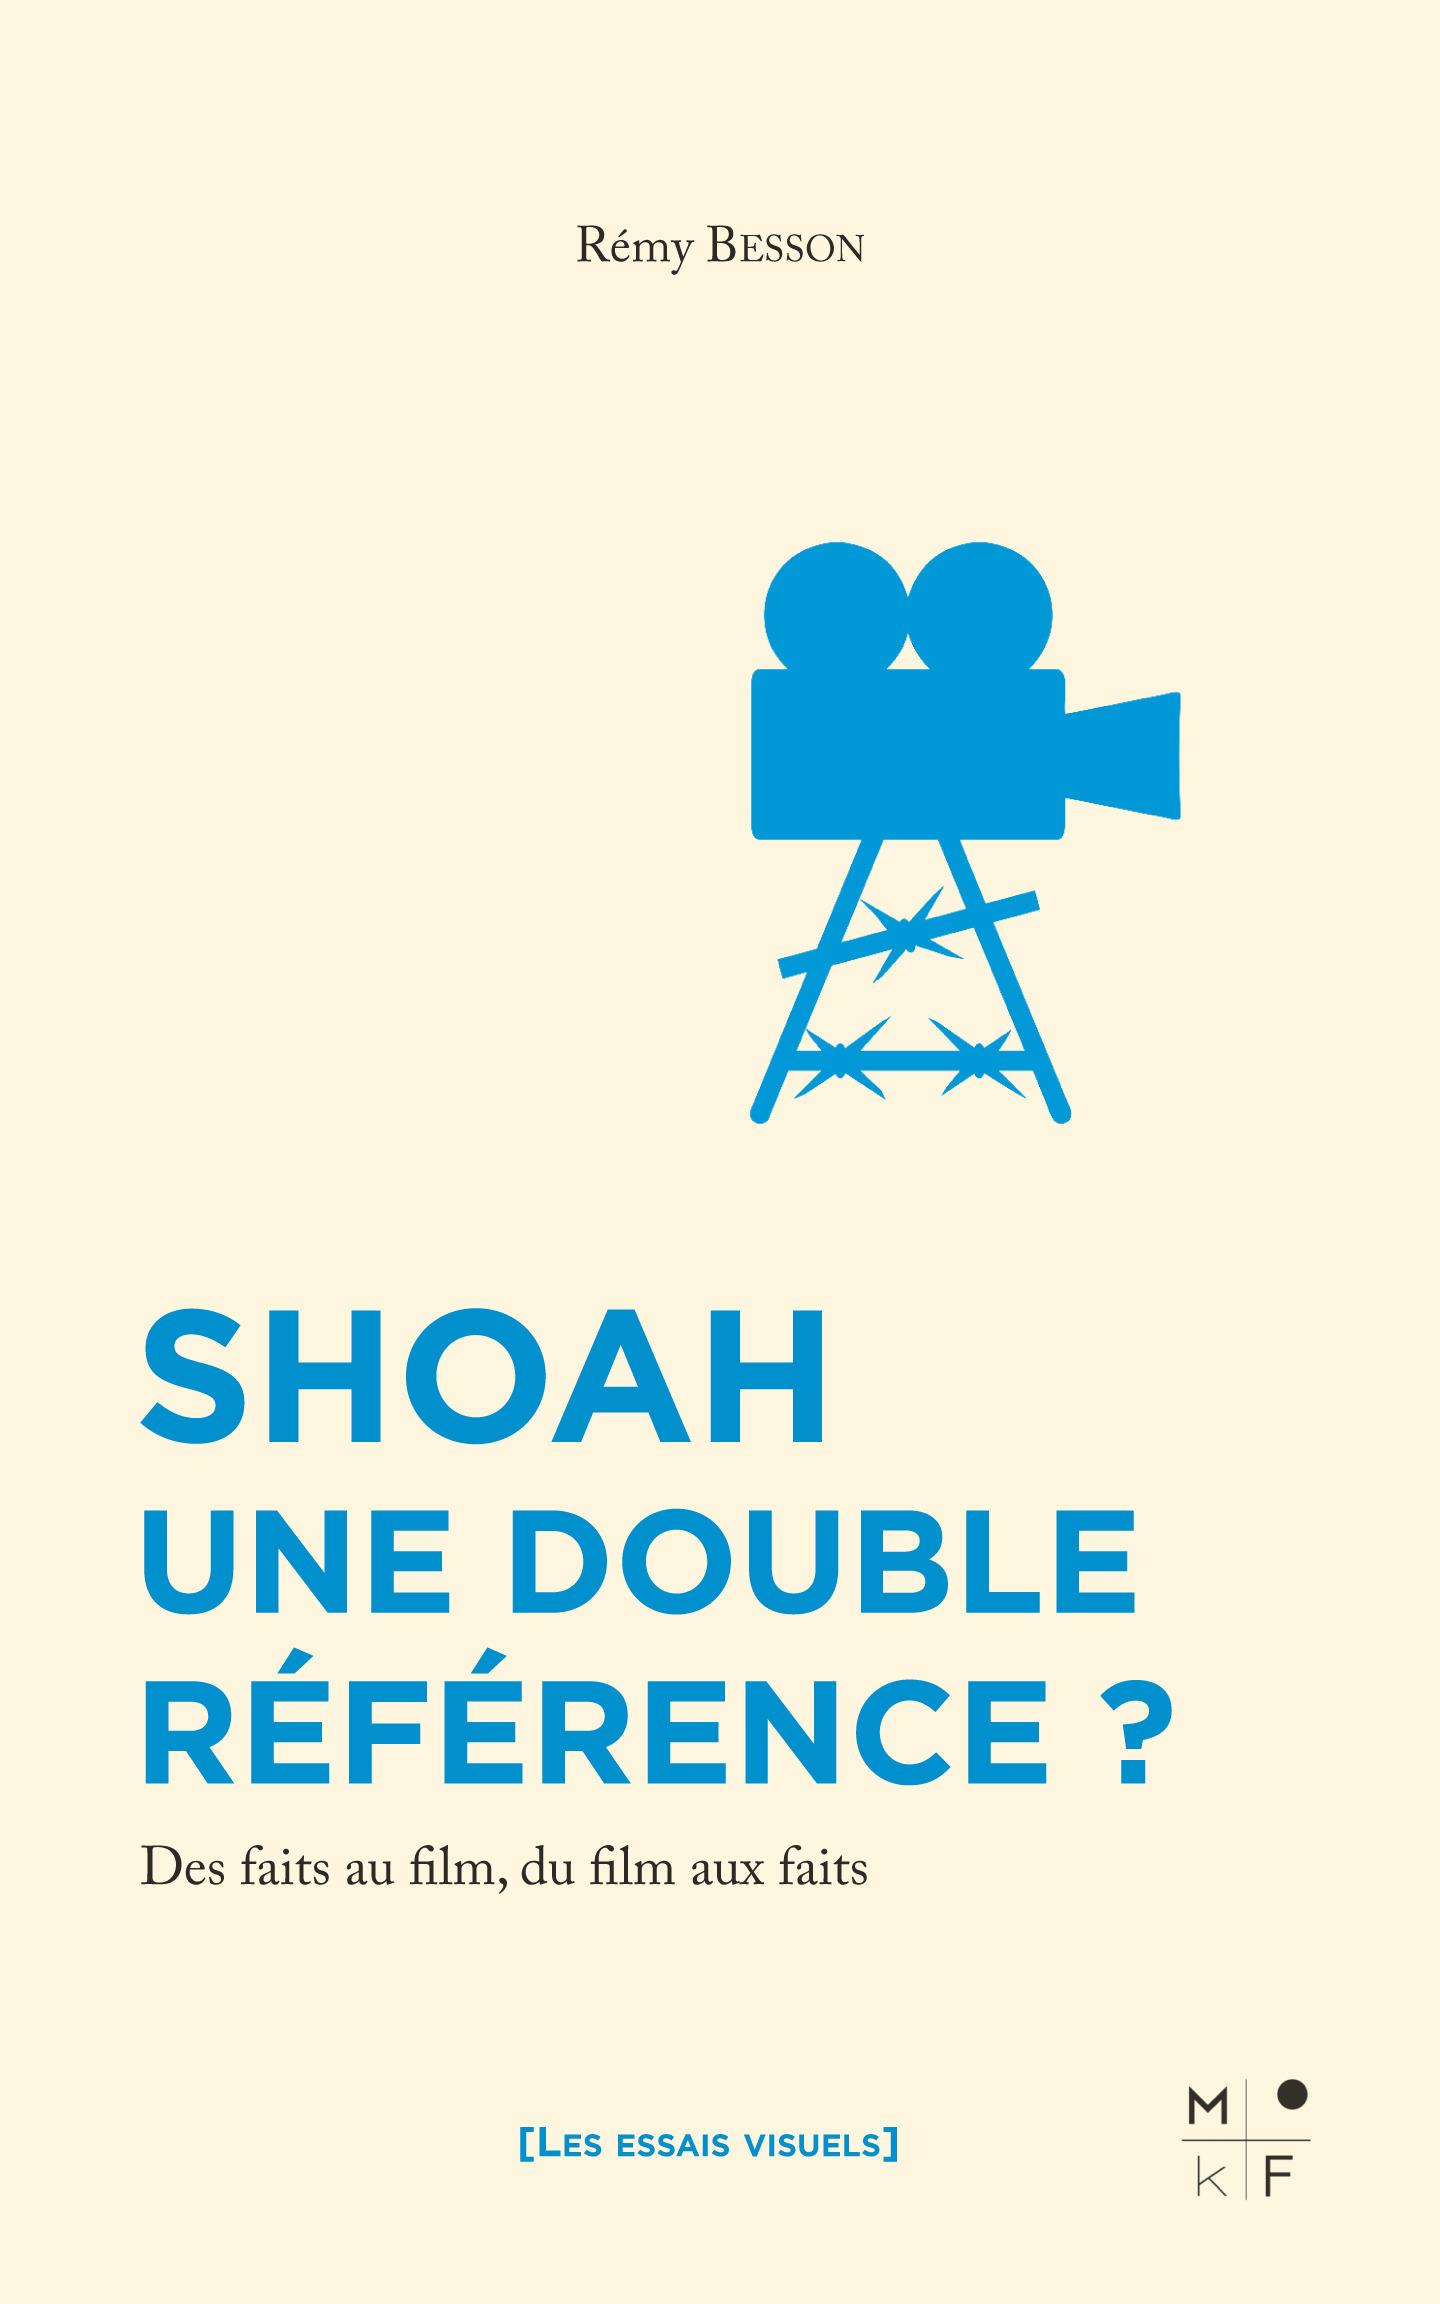 Shoah, une double référence ? des faits au film, du film aux faits